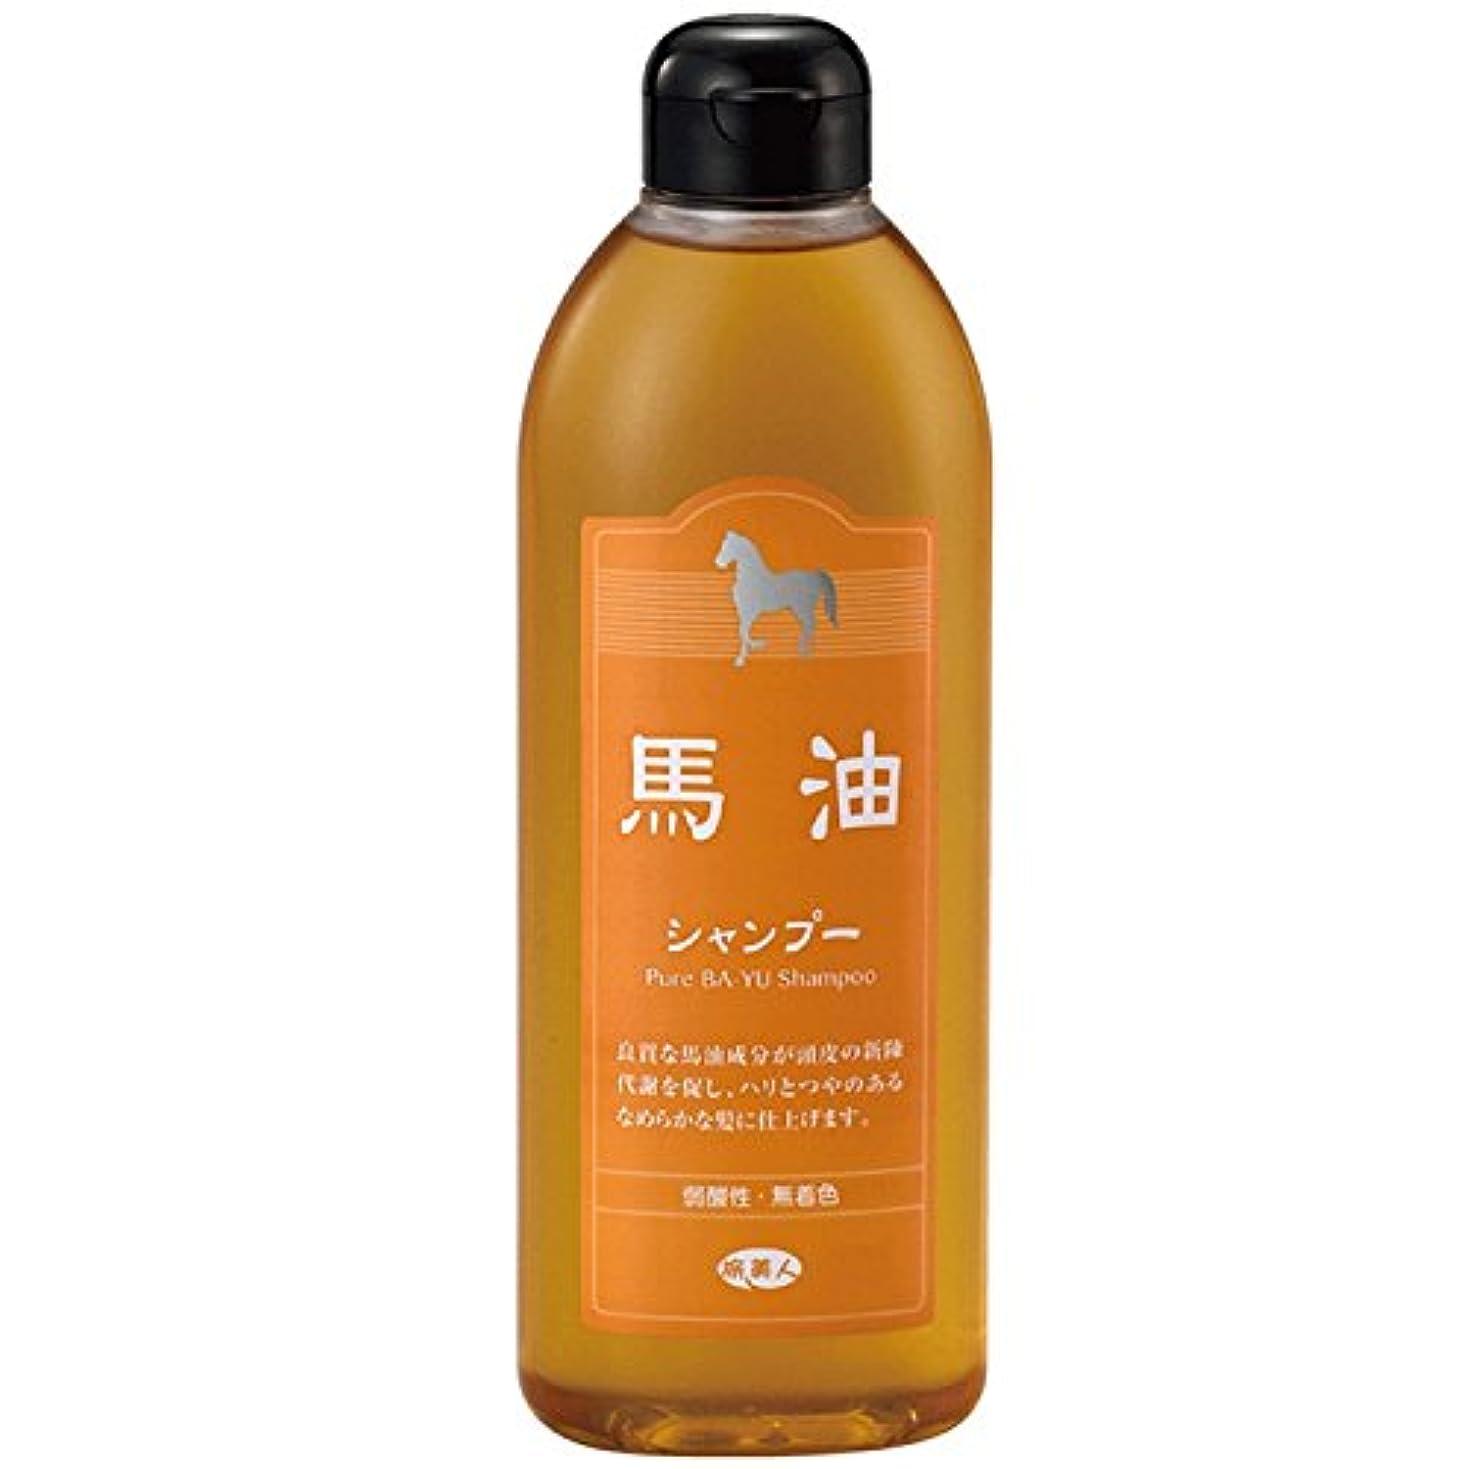 砂富鑑定アズマ商事の馬油シャンプー400ml